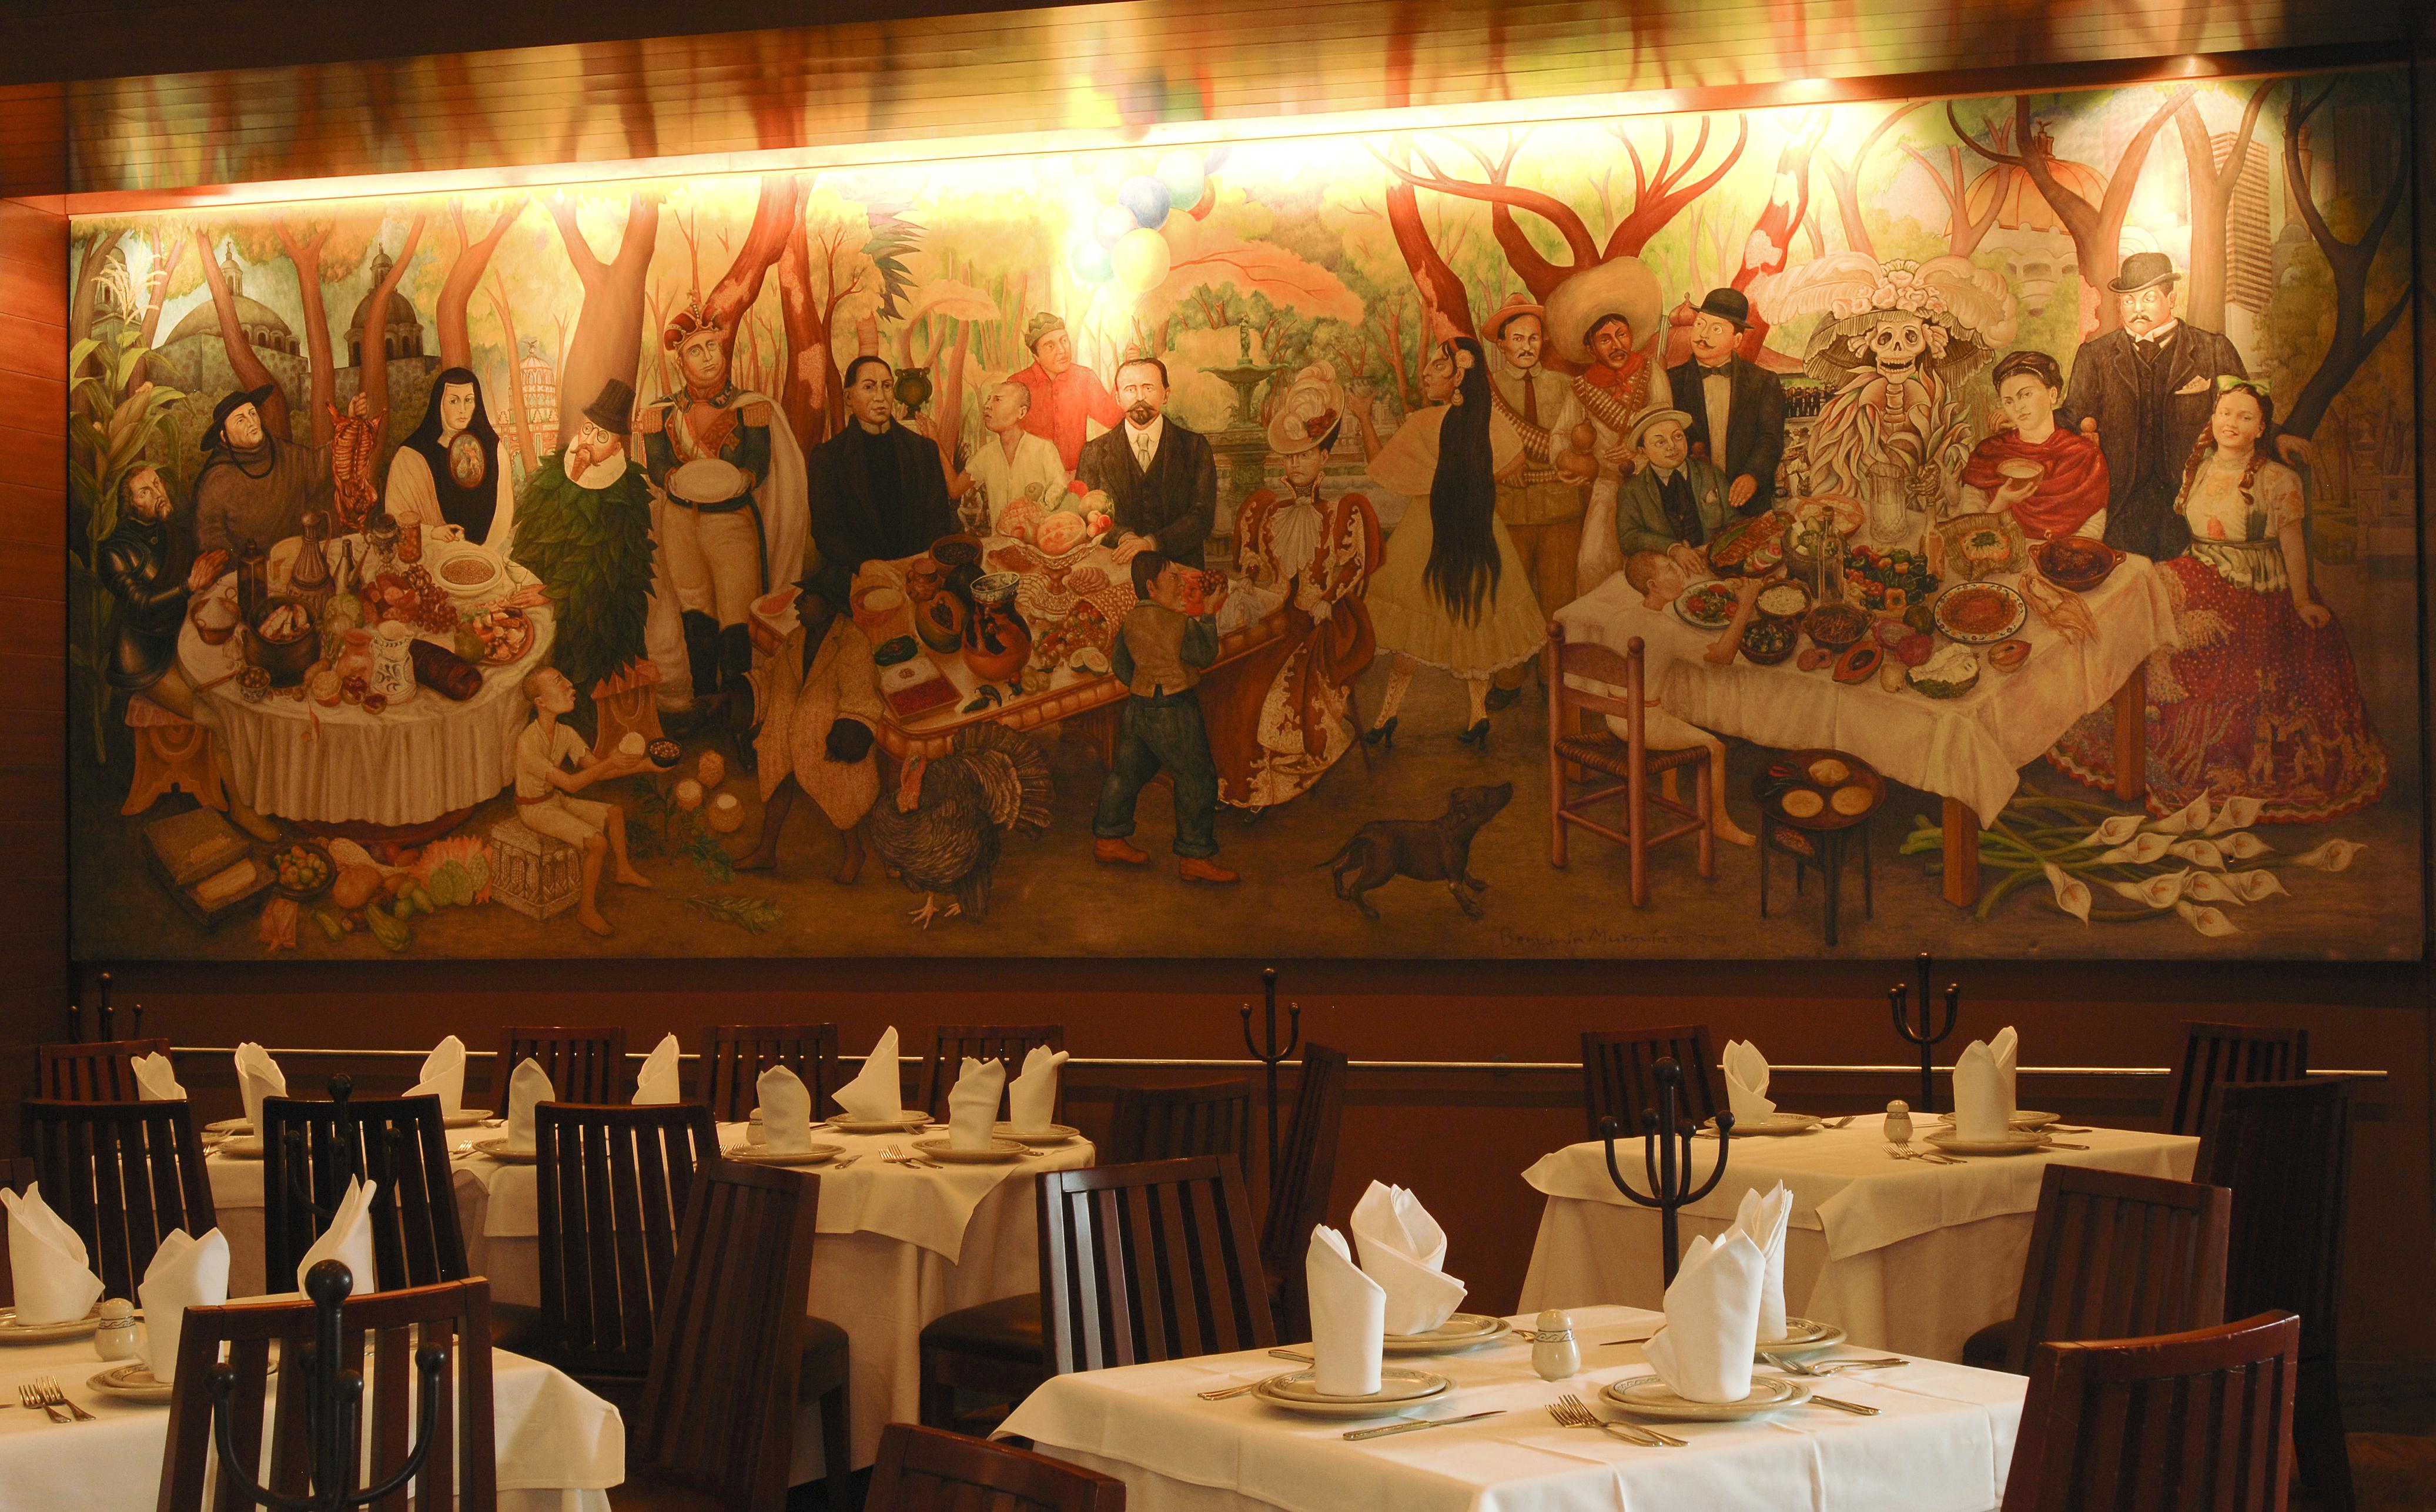 mejores-restaurantes-del-centro-historico-el-cardenal